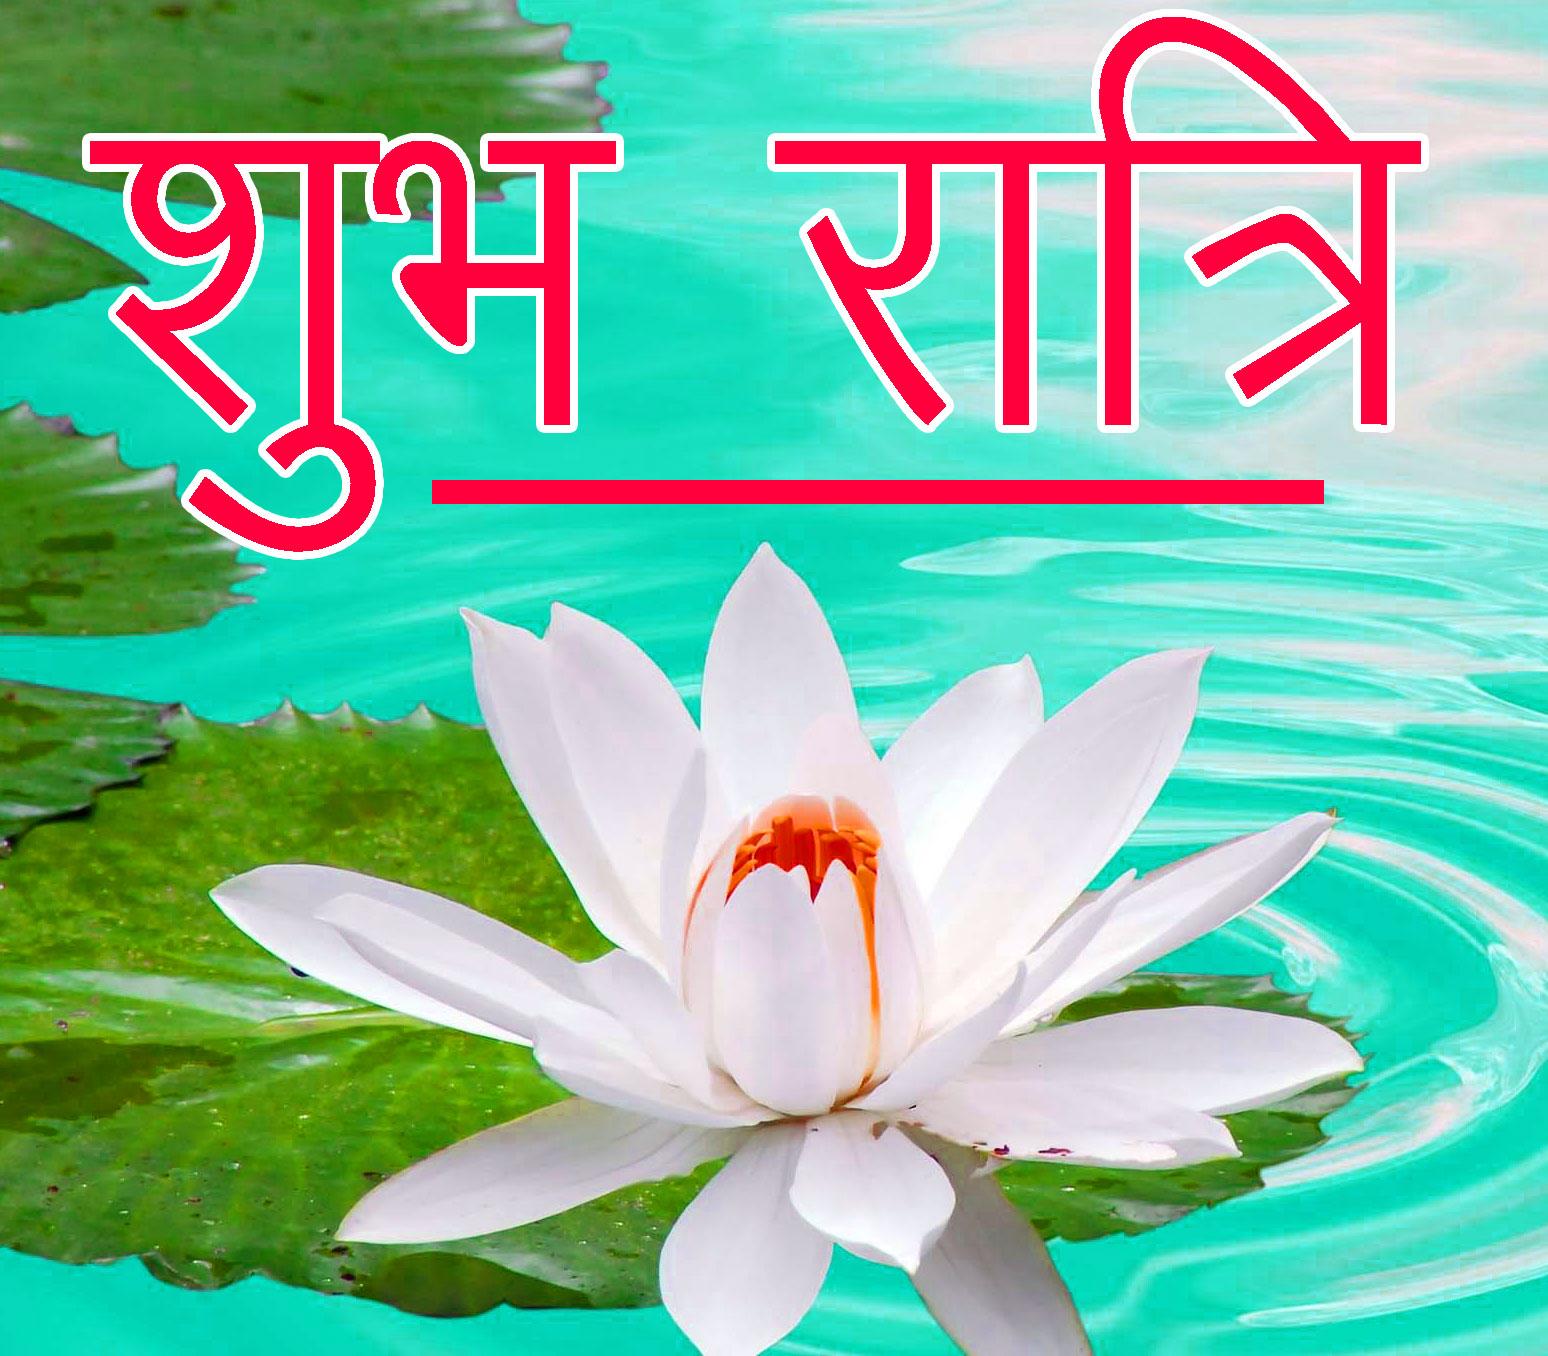 Shubh Ratri Wallpaper 8